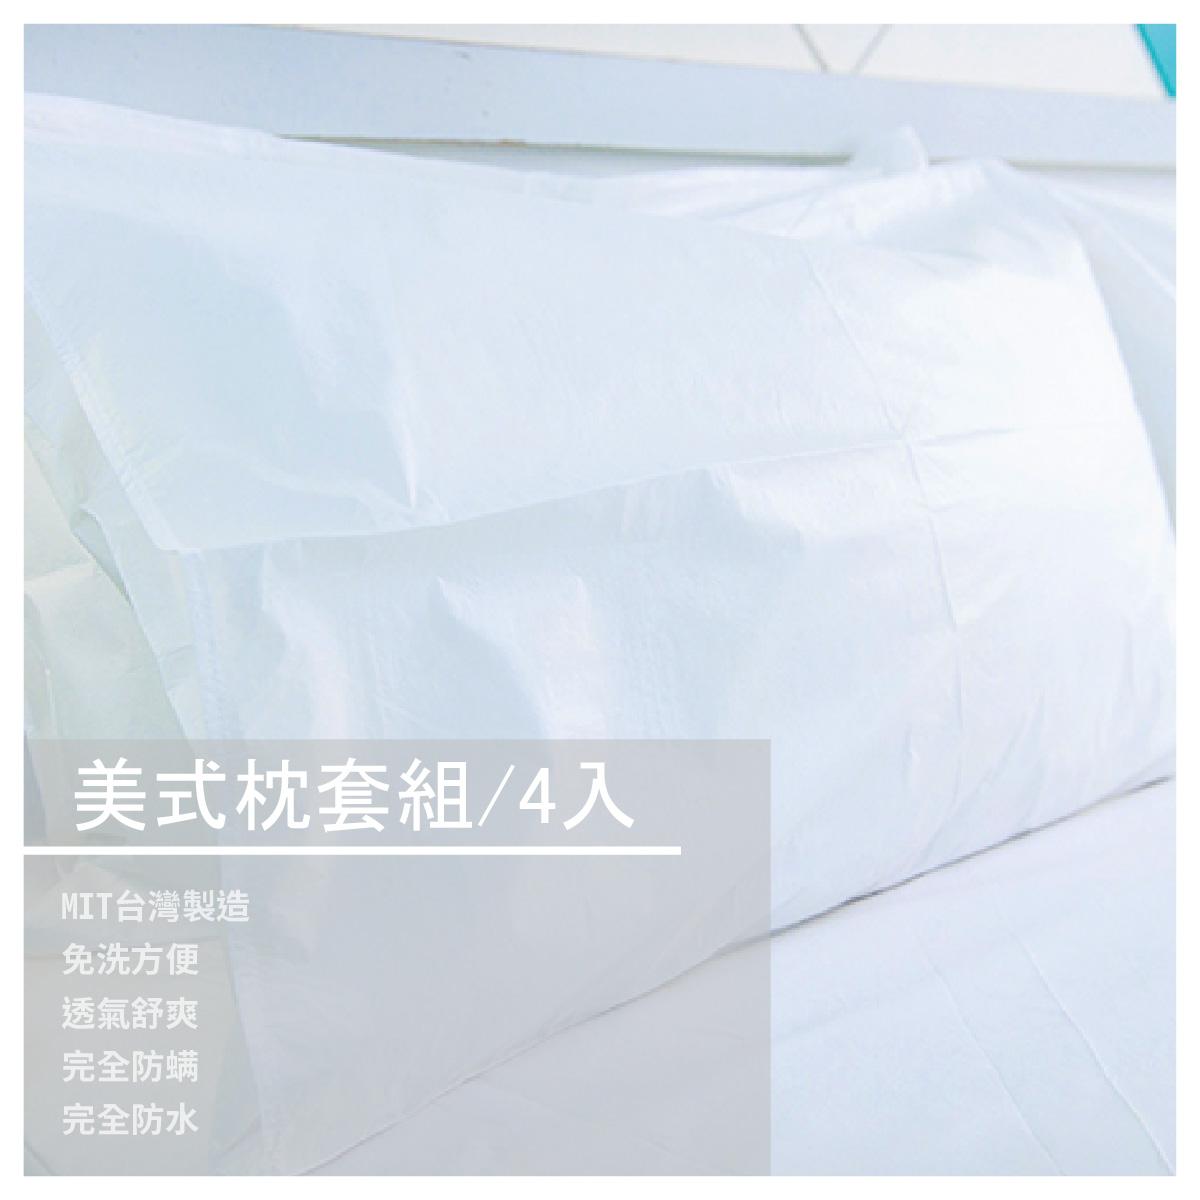 IKEA兒童床包組/2入 天使防水透氣寢具潔護套 取代市面須換洗的防水保潔墊 商品介紹 最新型的「免洗」拋棄式寢具潔護套 最簡單、最直接、最有效 「床墊」、「枕頭」保護者 ➤新型式的免洗潔護套 取代會